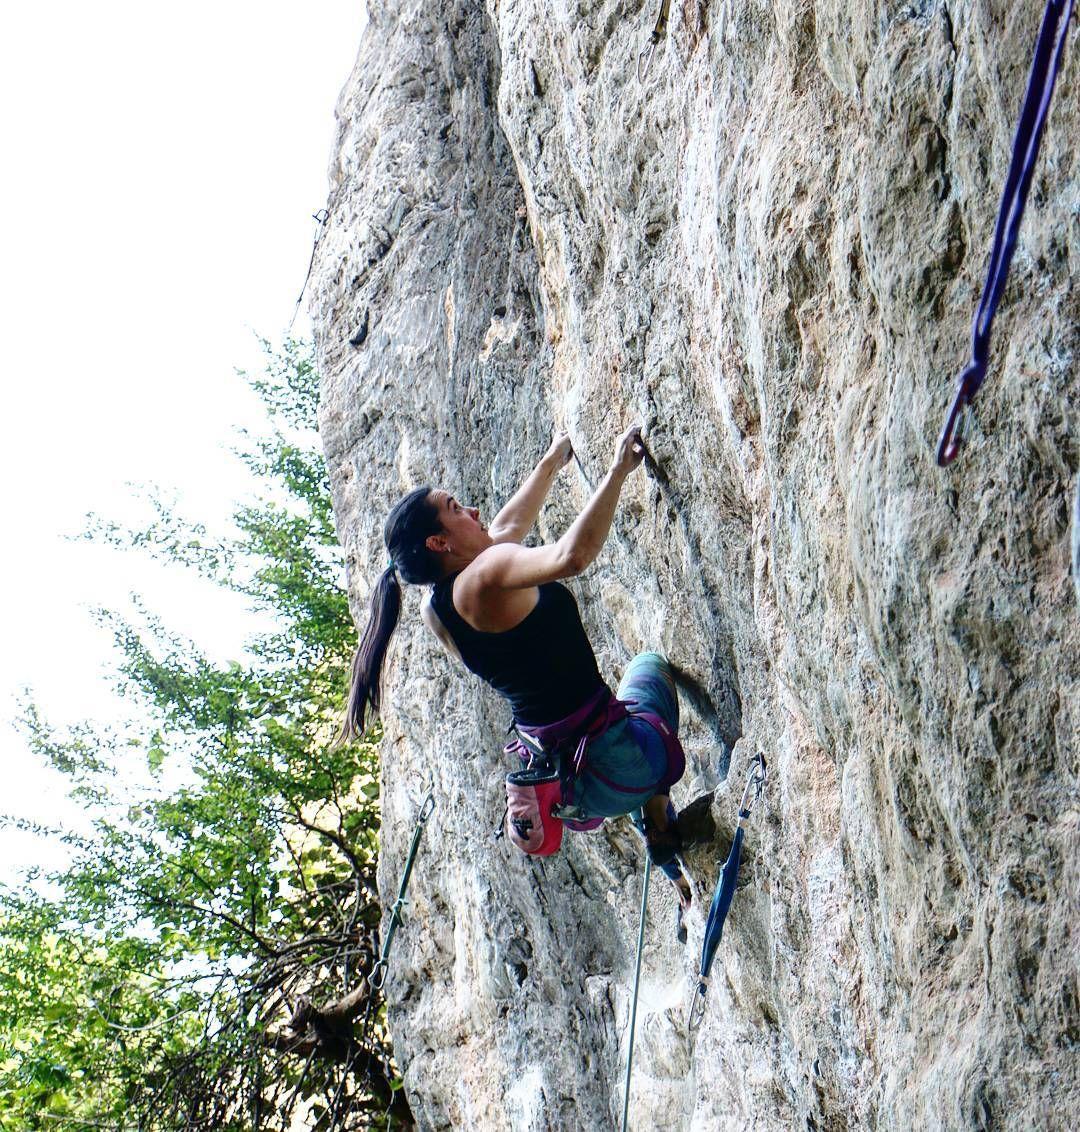 Instagram Photo by @cecilia_alves: Mirando o próximo regletinho do crux da Ética... depois descobri que sem dropar eh melhor! Kkk. Foto: Klauss Castanheira #serradocipo #cipoeavibe #comerdormirescalar #ouvaiouvaca #madeinsummit #climbing #climb #climbforlife #liveclimbrepeat #lasportiva #climbergirl #climber #timetoclimb #outdoorwomen #womenrockclimbing #climbing_pictures_of_instagram #mulheresqueescalam #escaladorasdobrasil #rockclimbing #livewithoutlimits #neverstopexploring #justgoclimb…